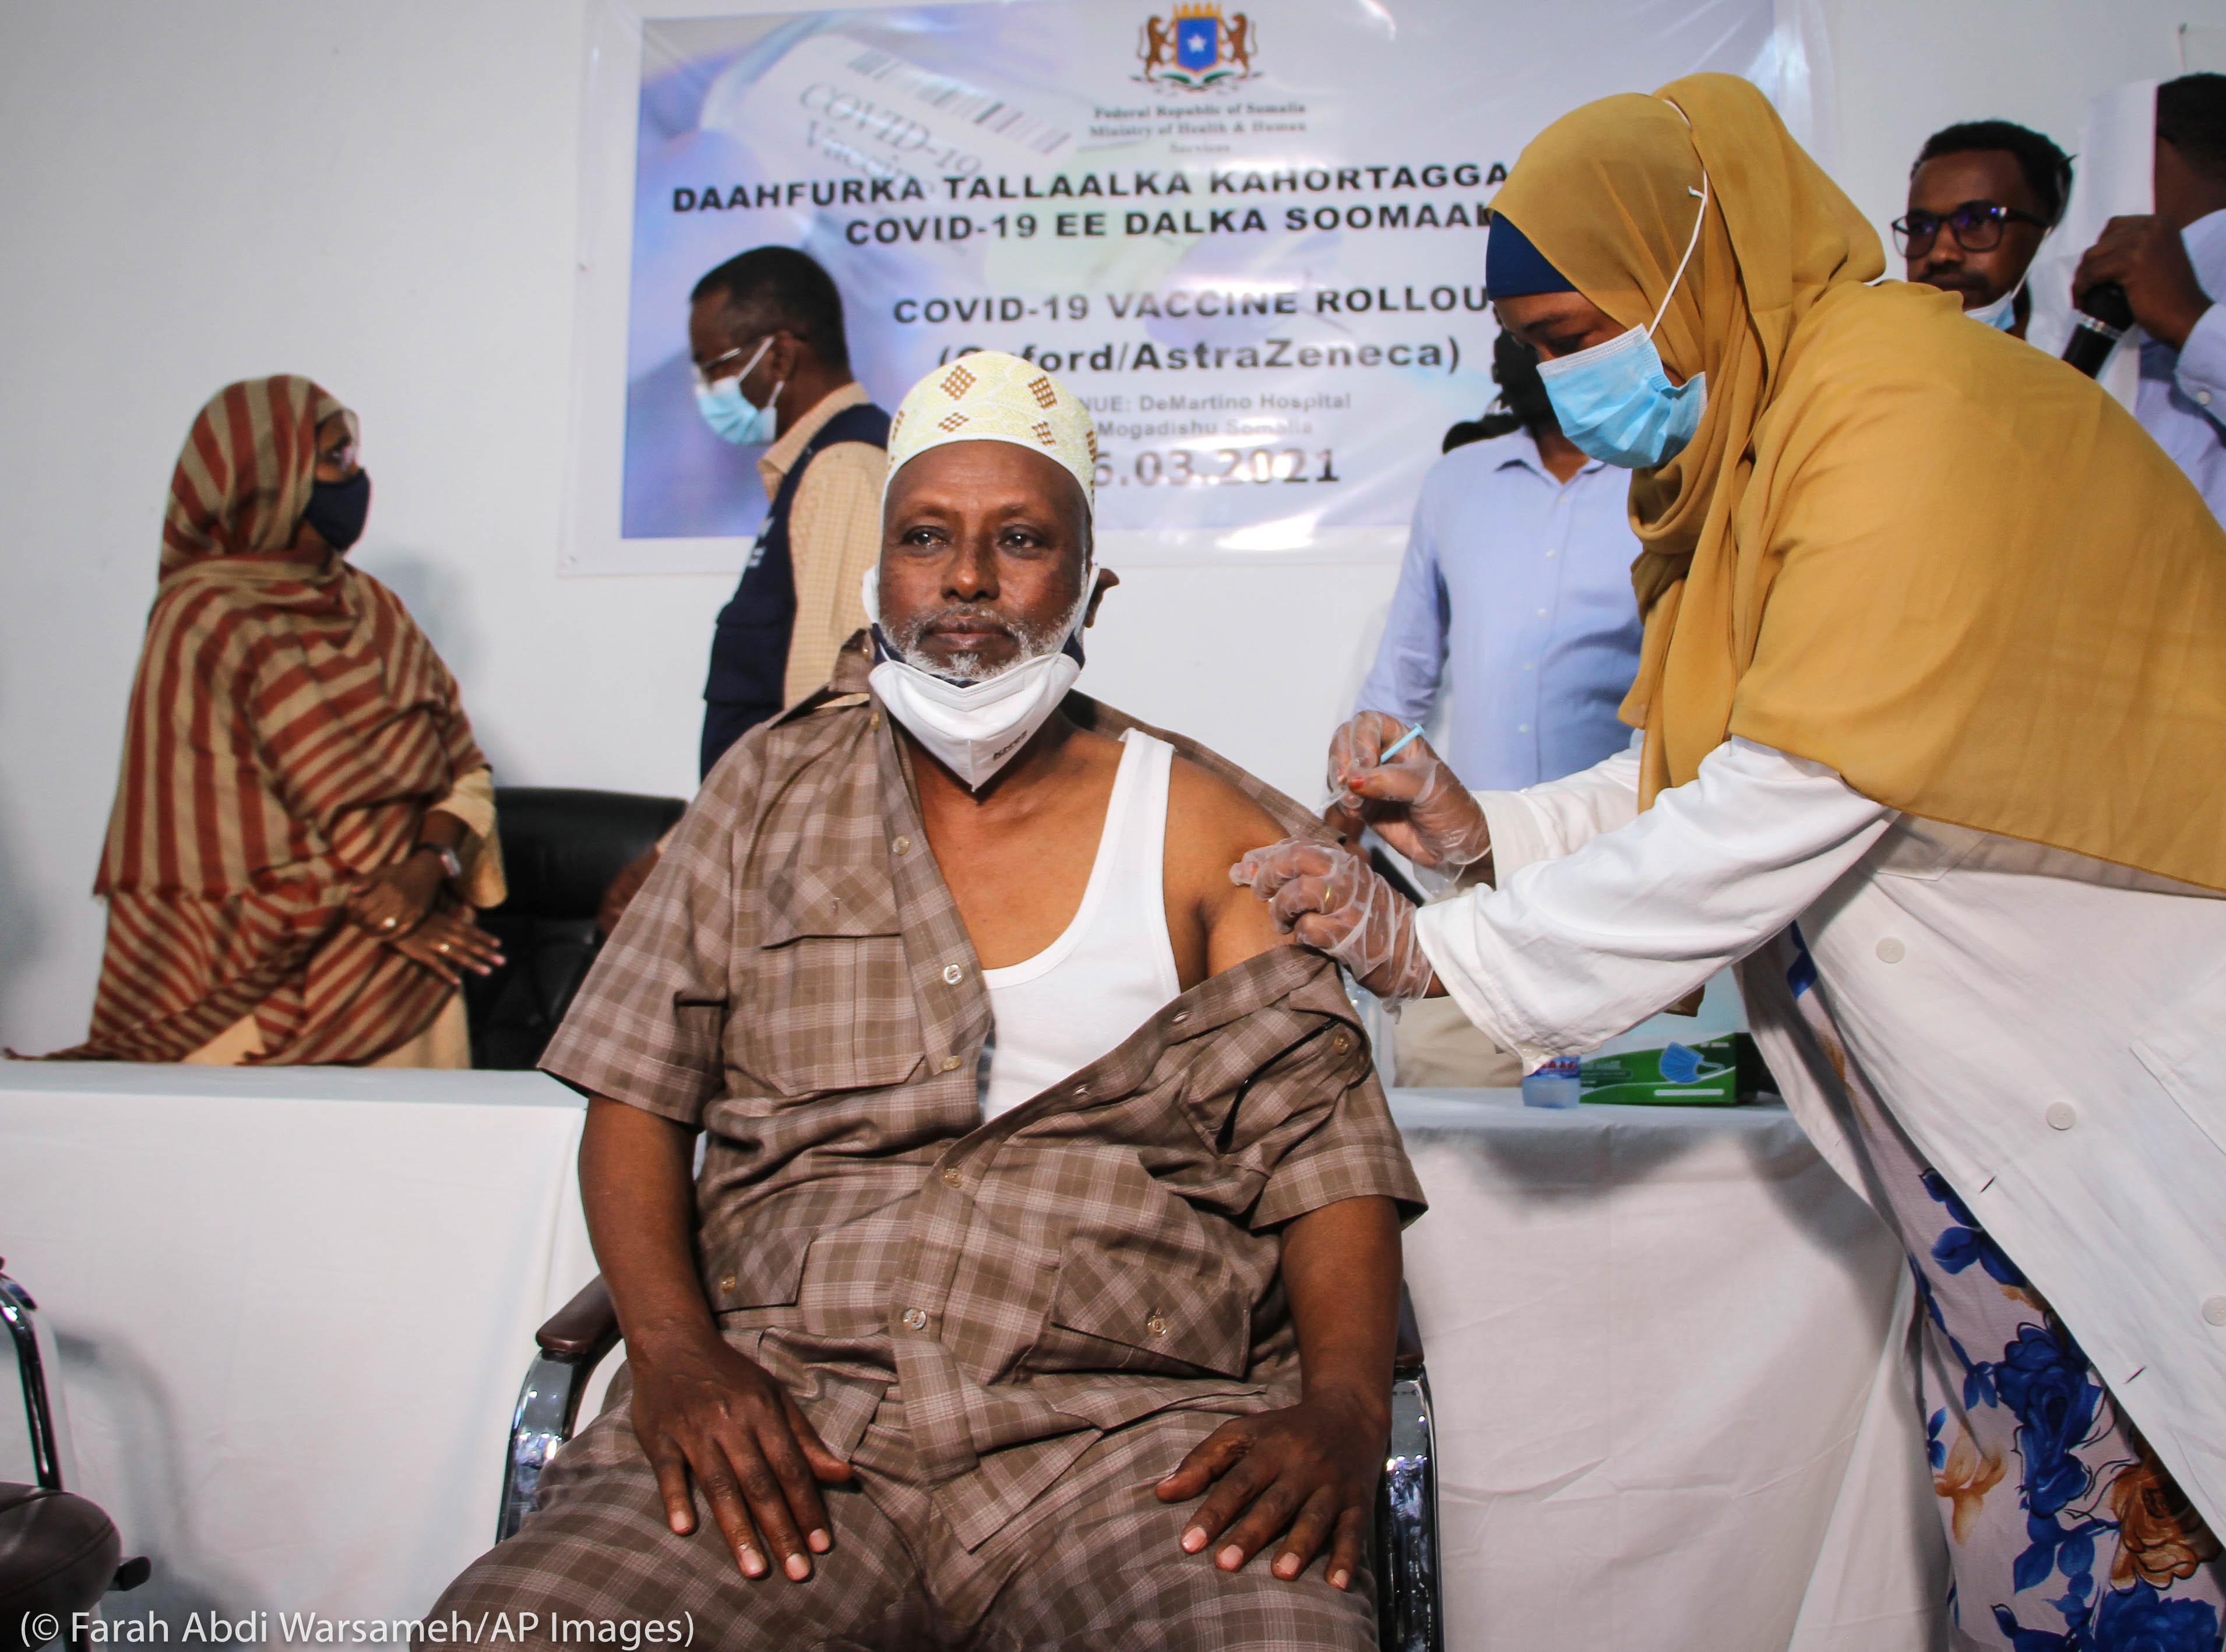 Un anciano somalí es vacunado mientras otros observan cerca (© Farah Abdi Warsameh/AP Images)